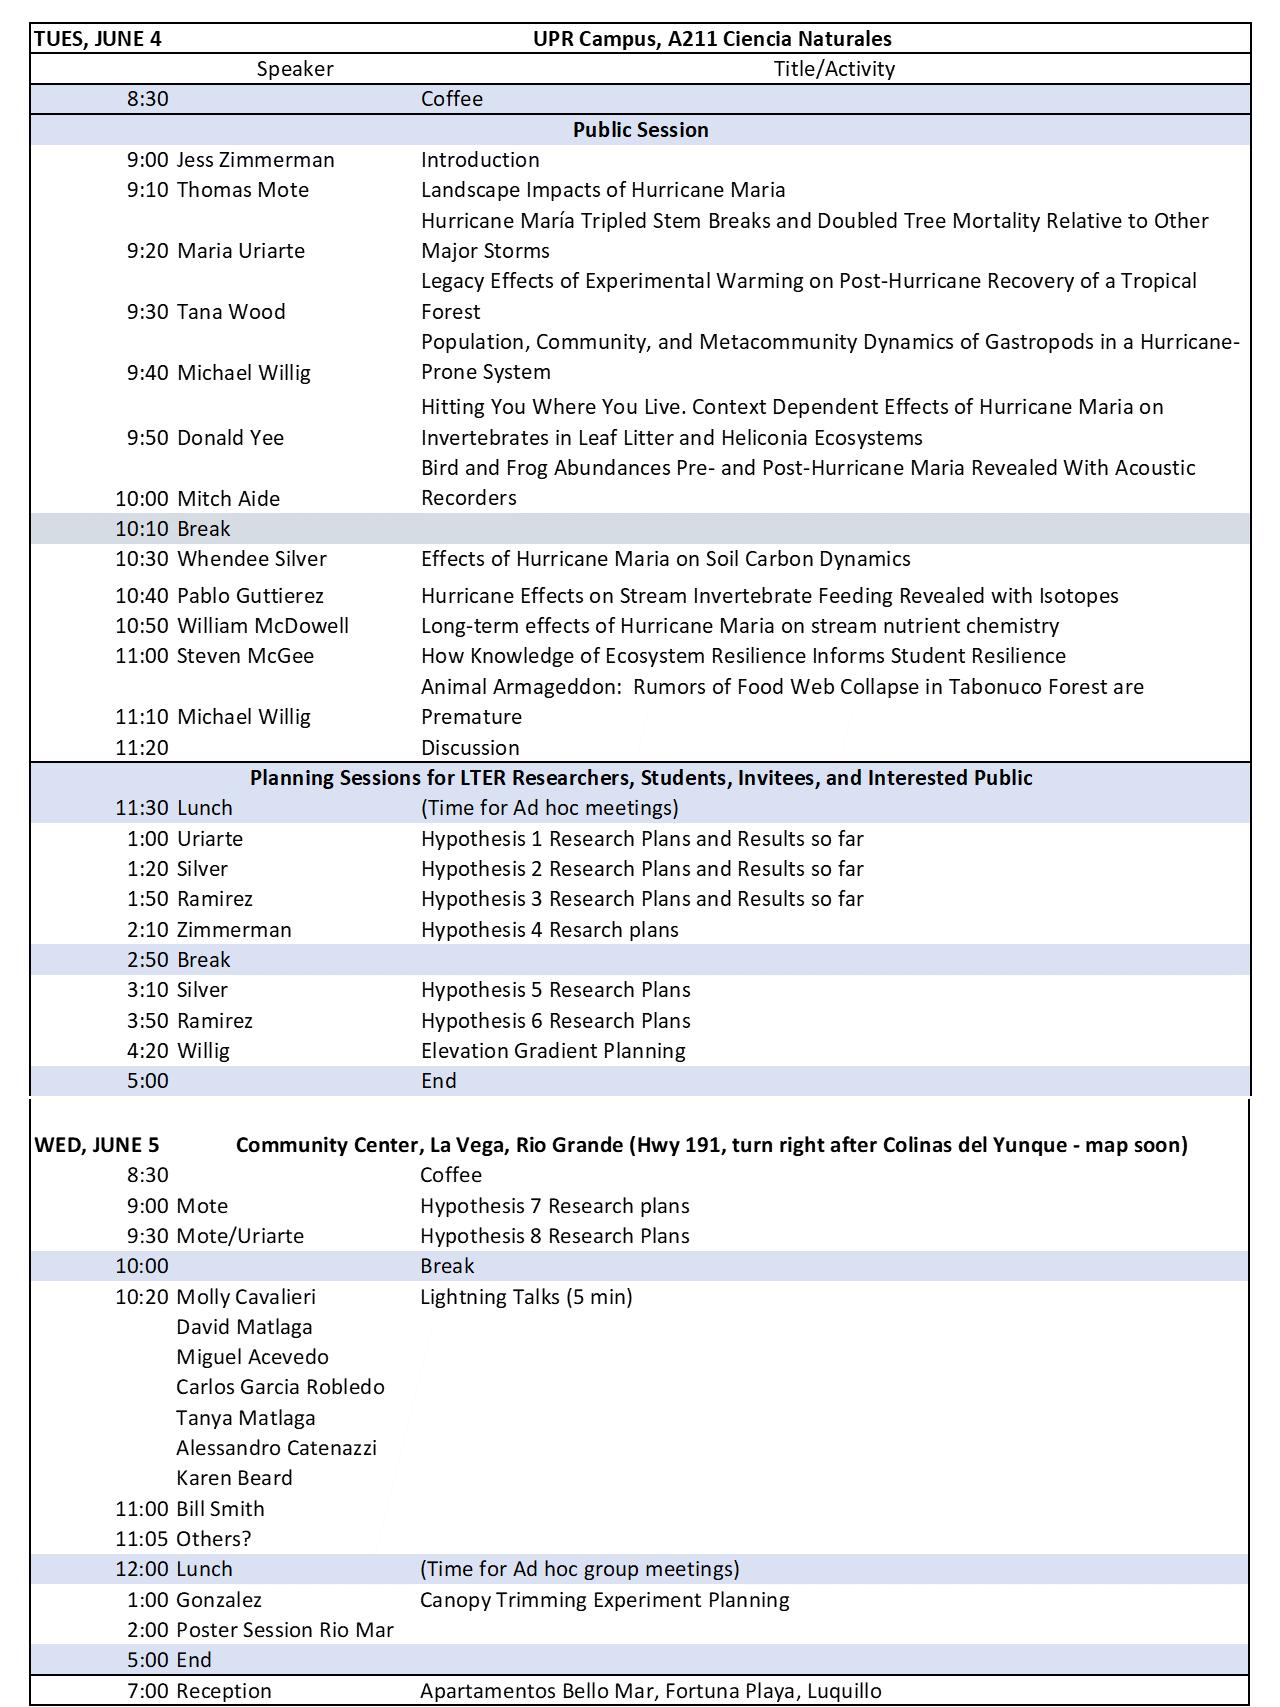 LUQ Annual Meeting Agenda 2019